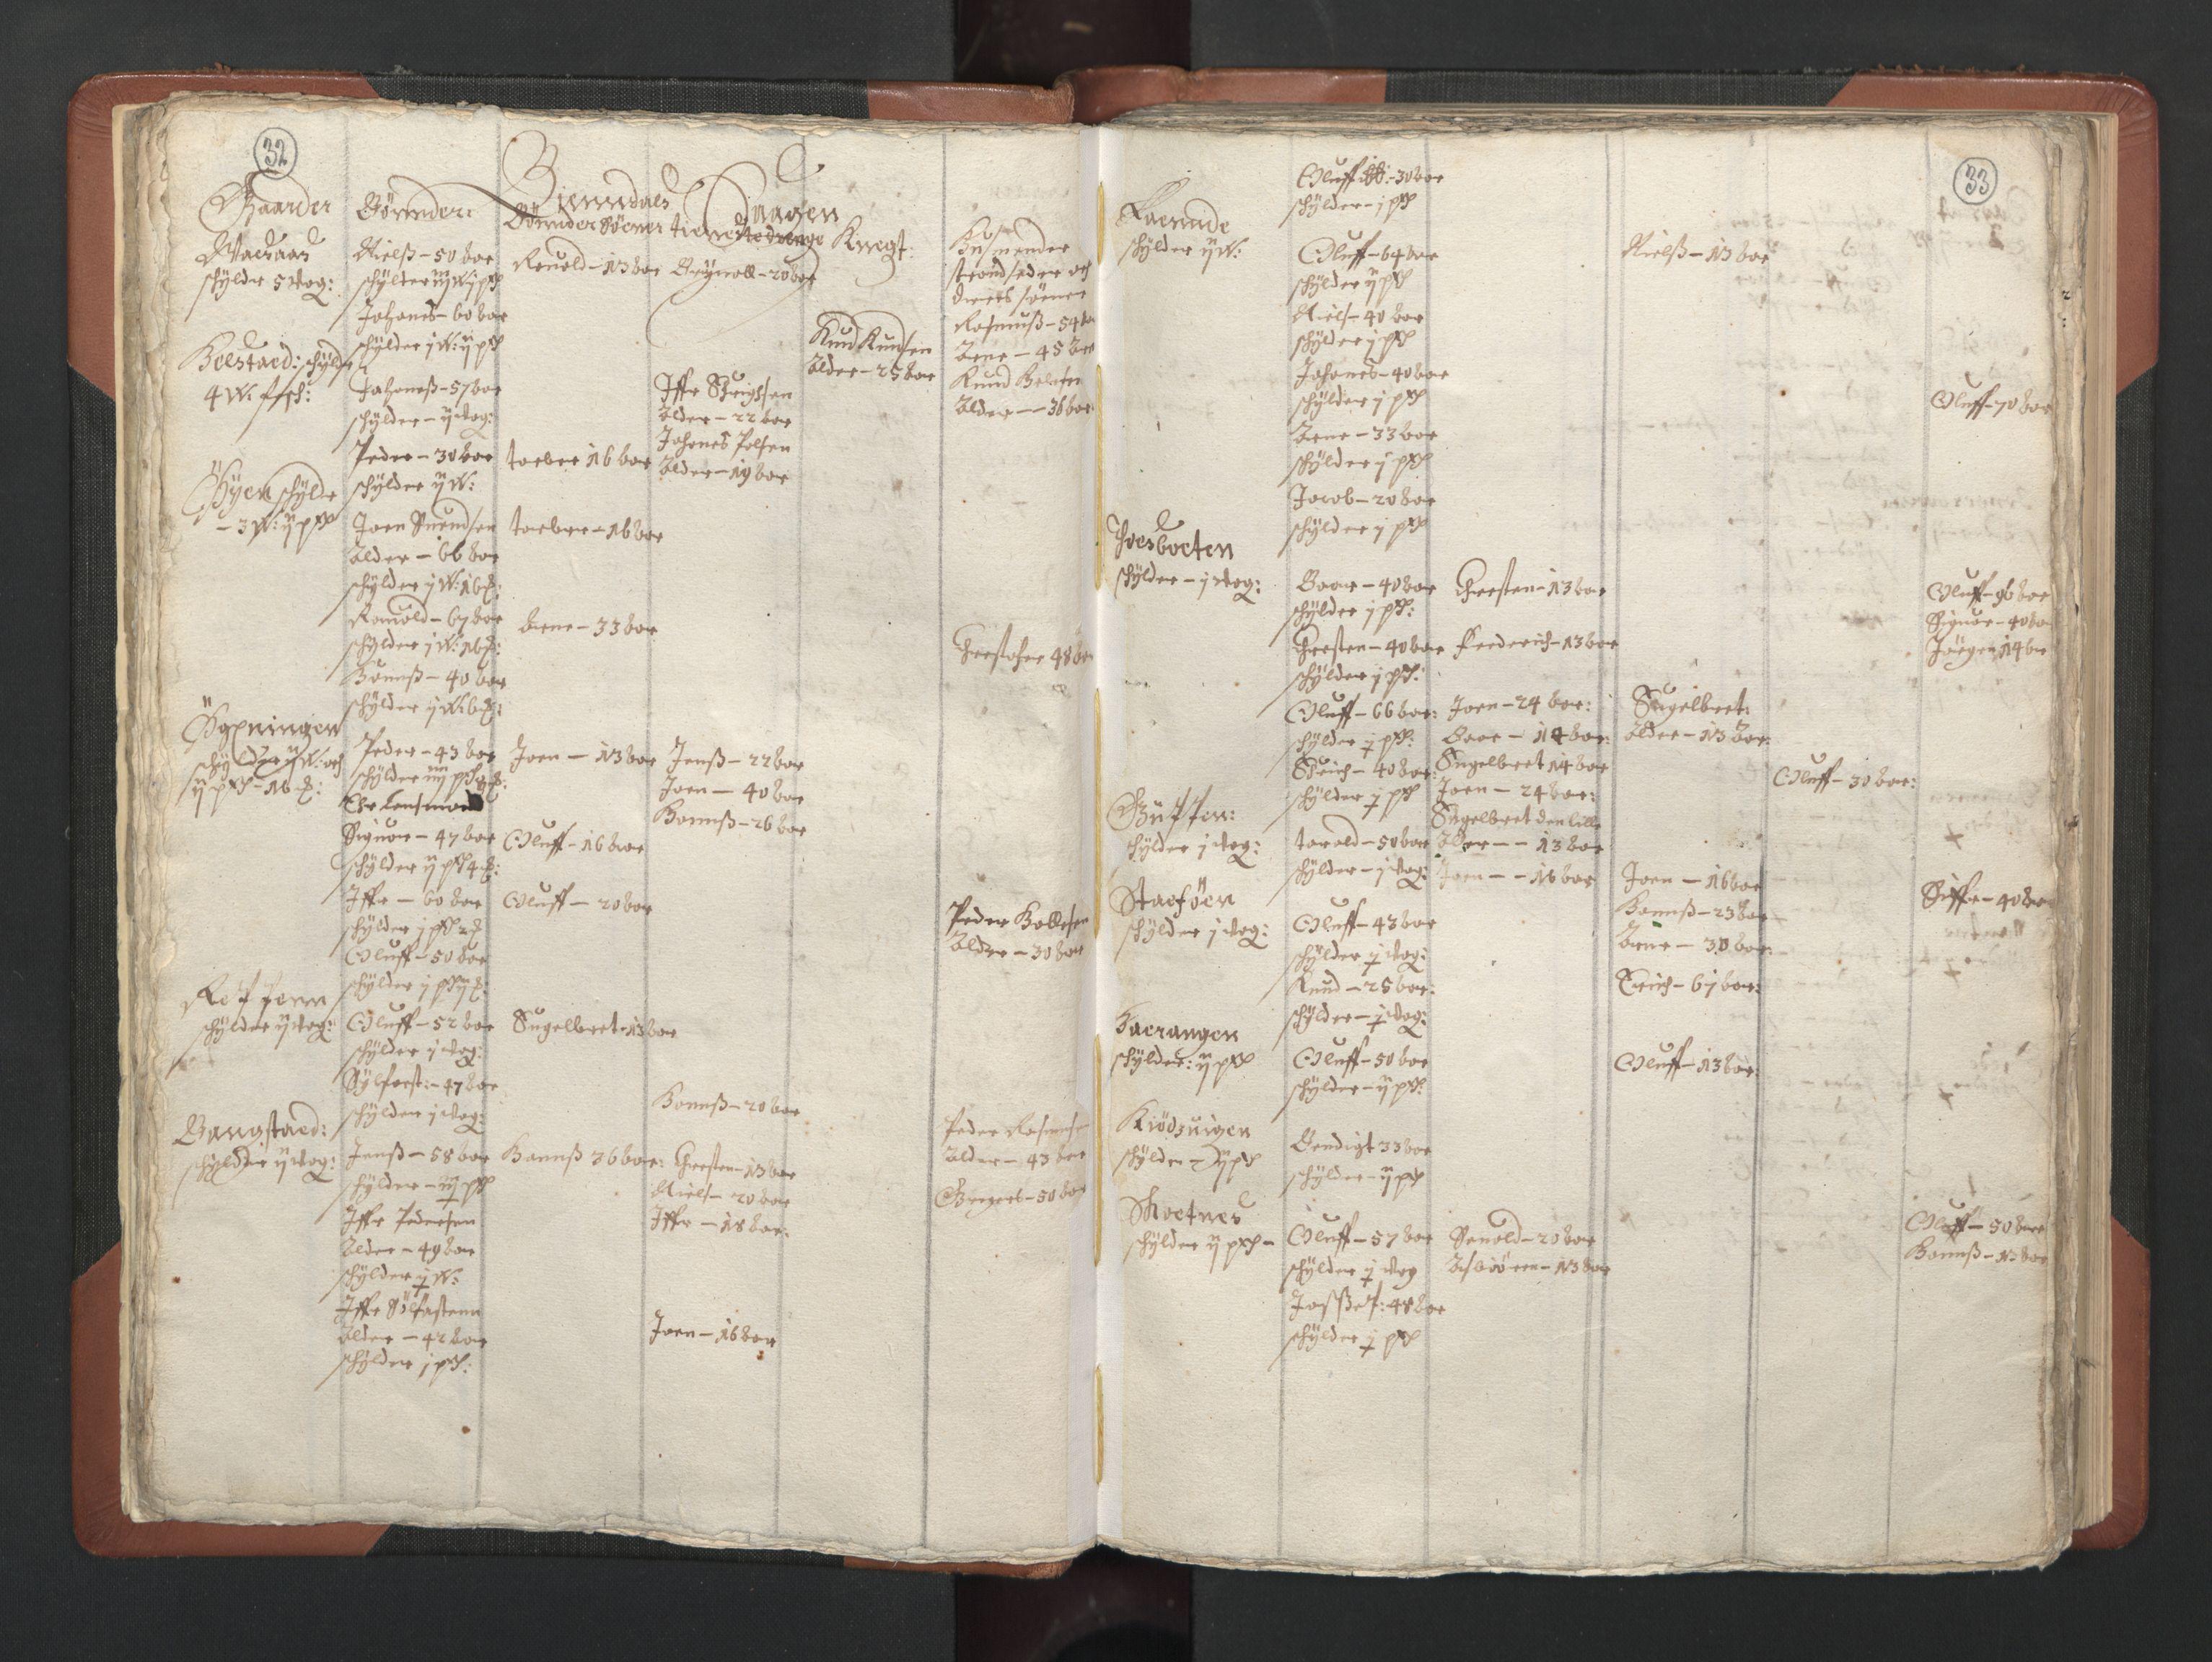 RA, Fogdenes og sorenskrivernes manntall 1664-1666, nr. 20: Fogderier (len og skipreider) i nåværende Nordland fylke, Troms fylke og Finnmark fylke, 1665, s. 32-33